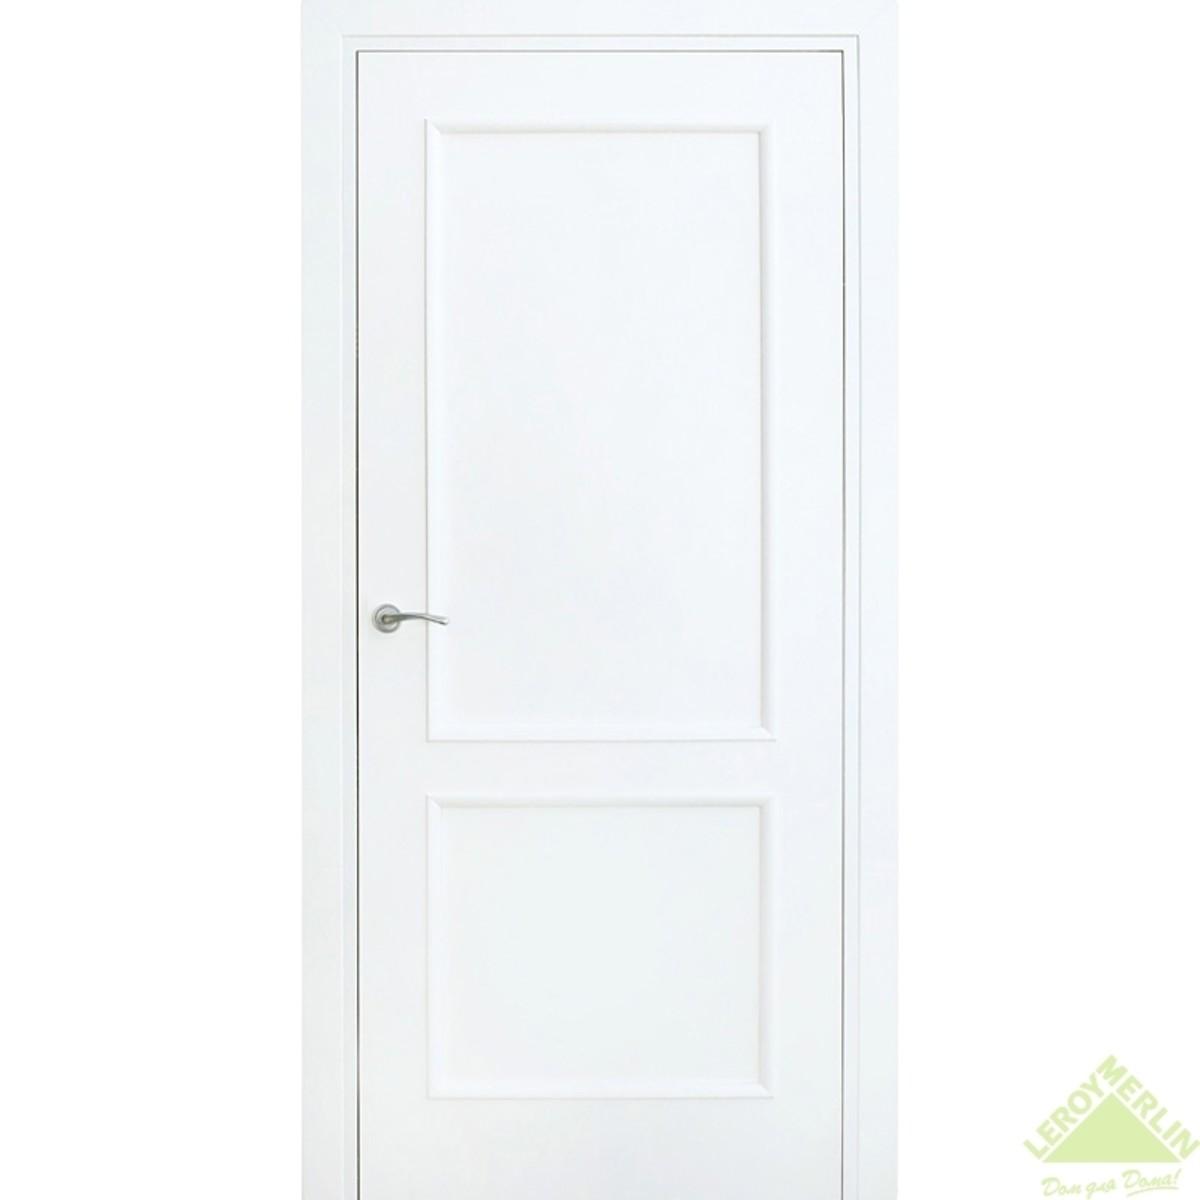 Дверь Межкомнатная Глухая Фортунато 820 900x2000 Белый